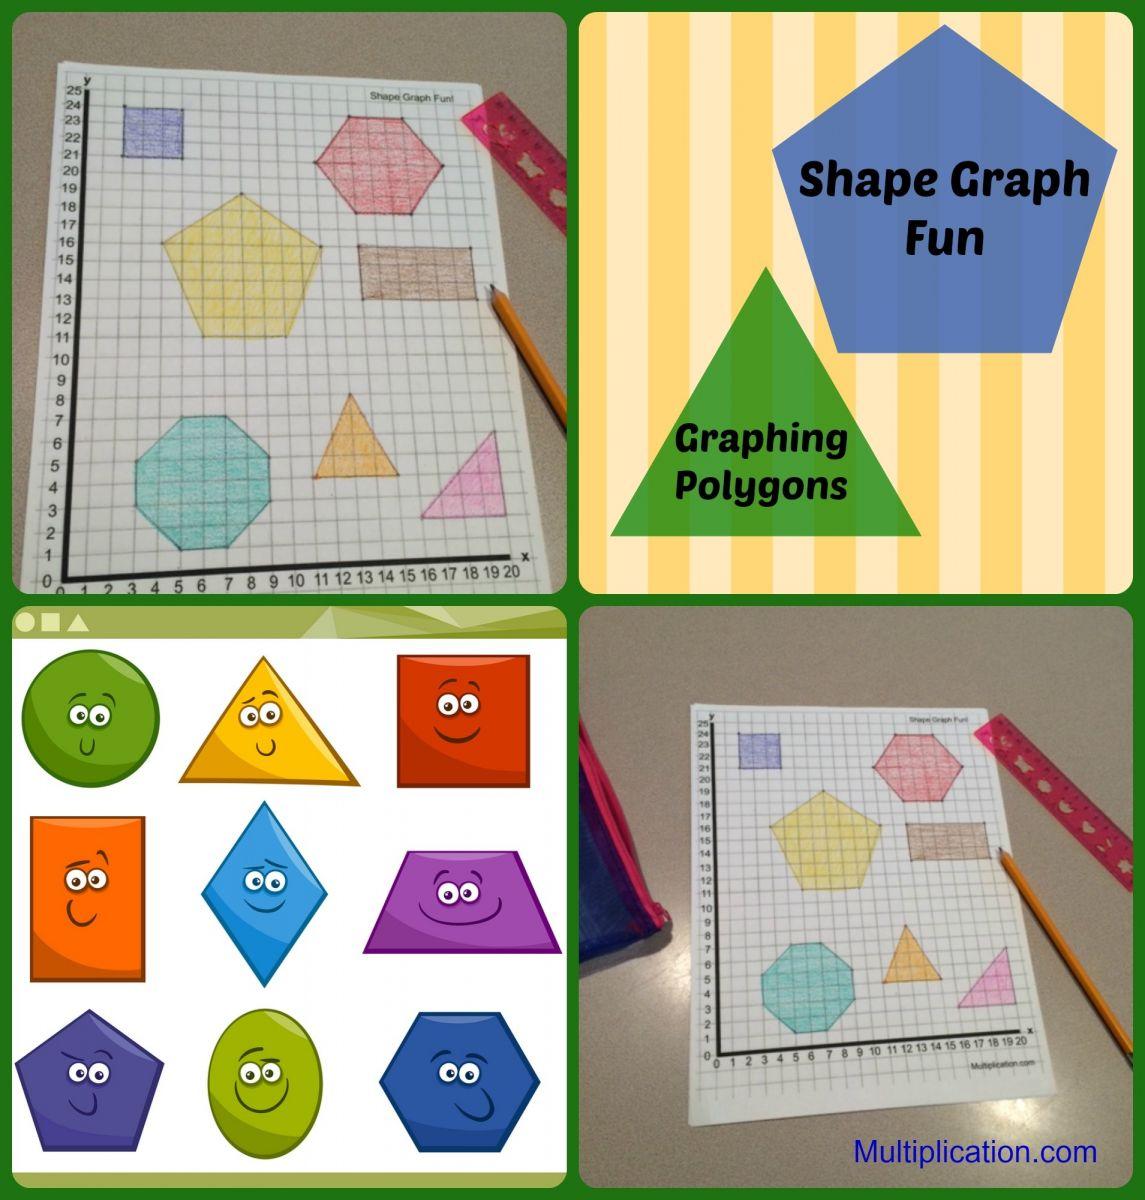 Shape Graph Fun